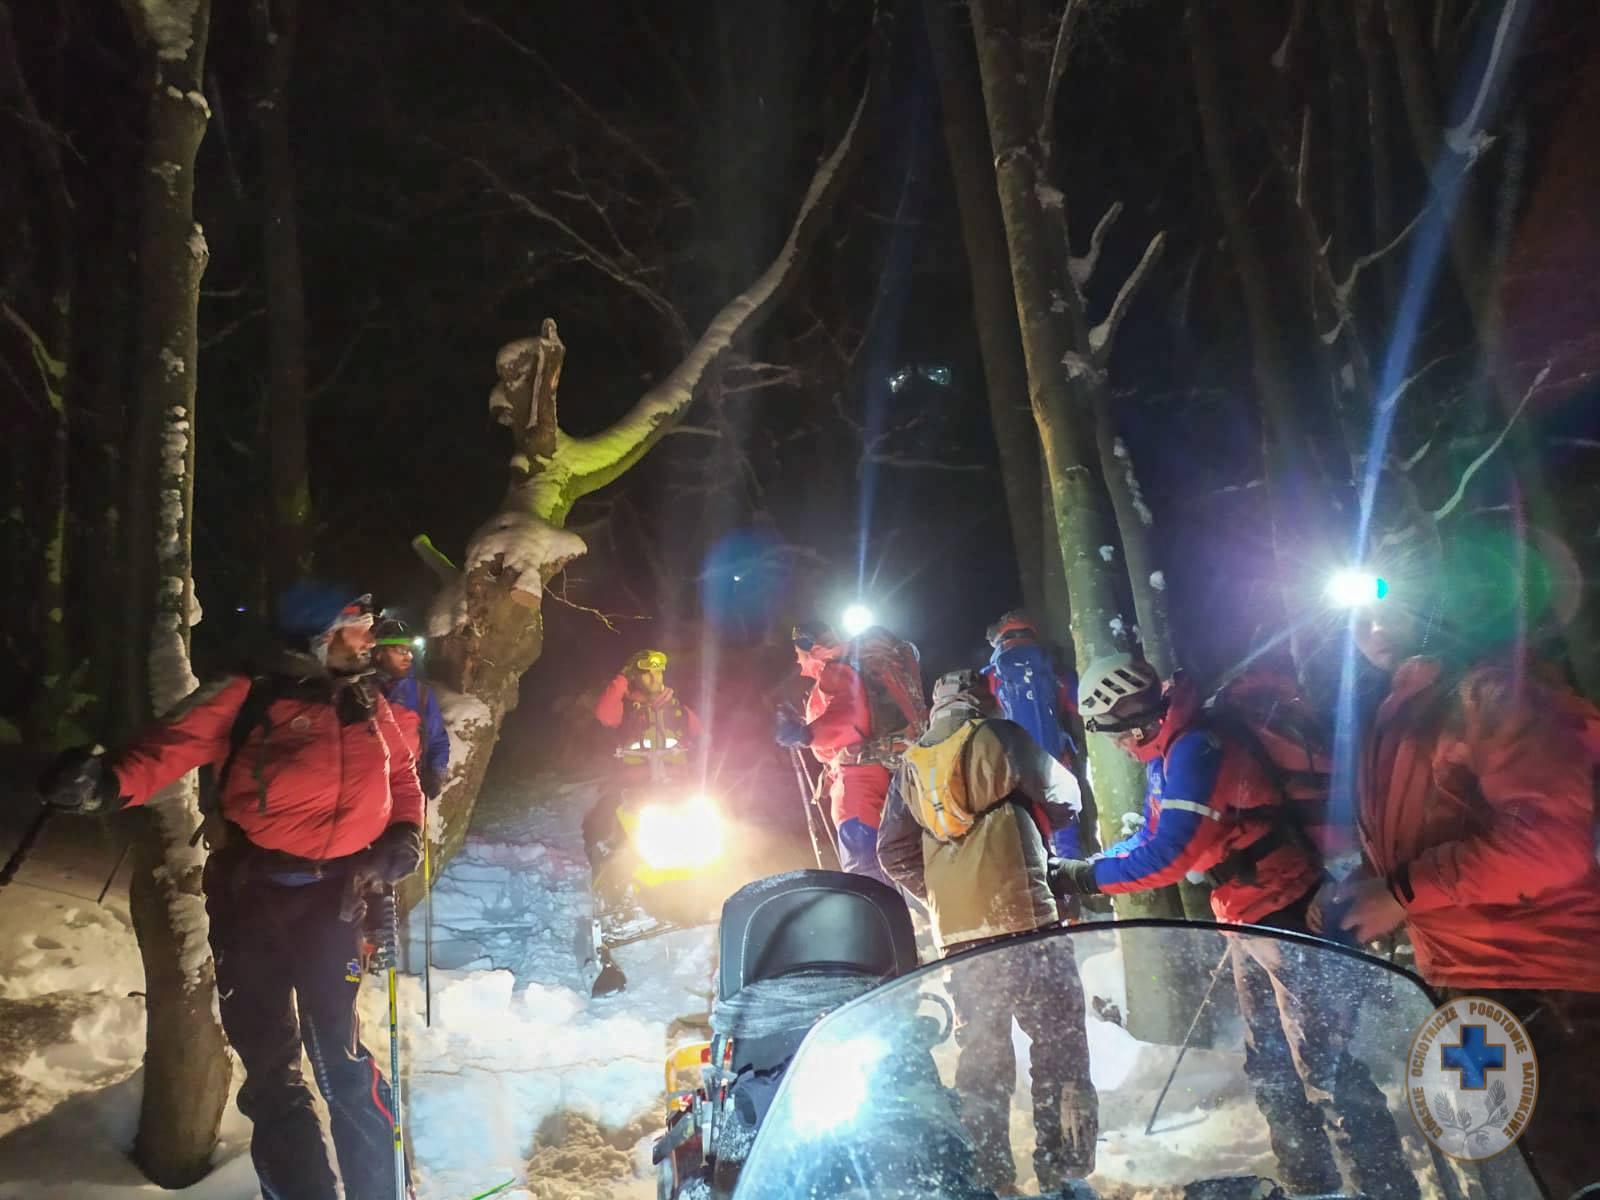 Wyszli w góry podczas fatalnych warunków pogodowych i zabłądzili [ZDJĘCIA] - Zdjęcie główne